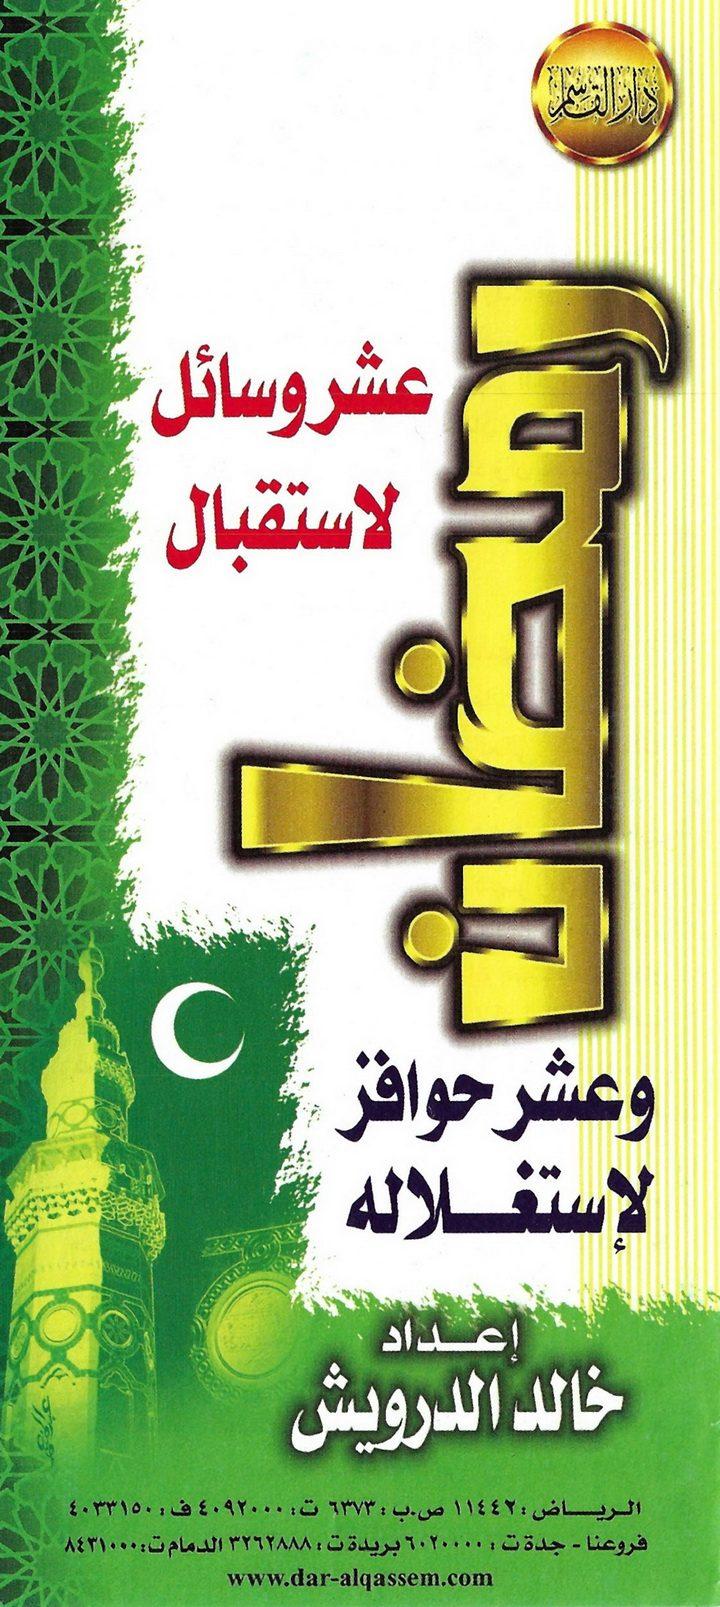 عشر وسائل لاستقبال رمضان (خالد الدرويش – دار القاسم)